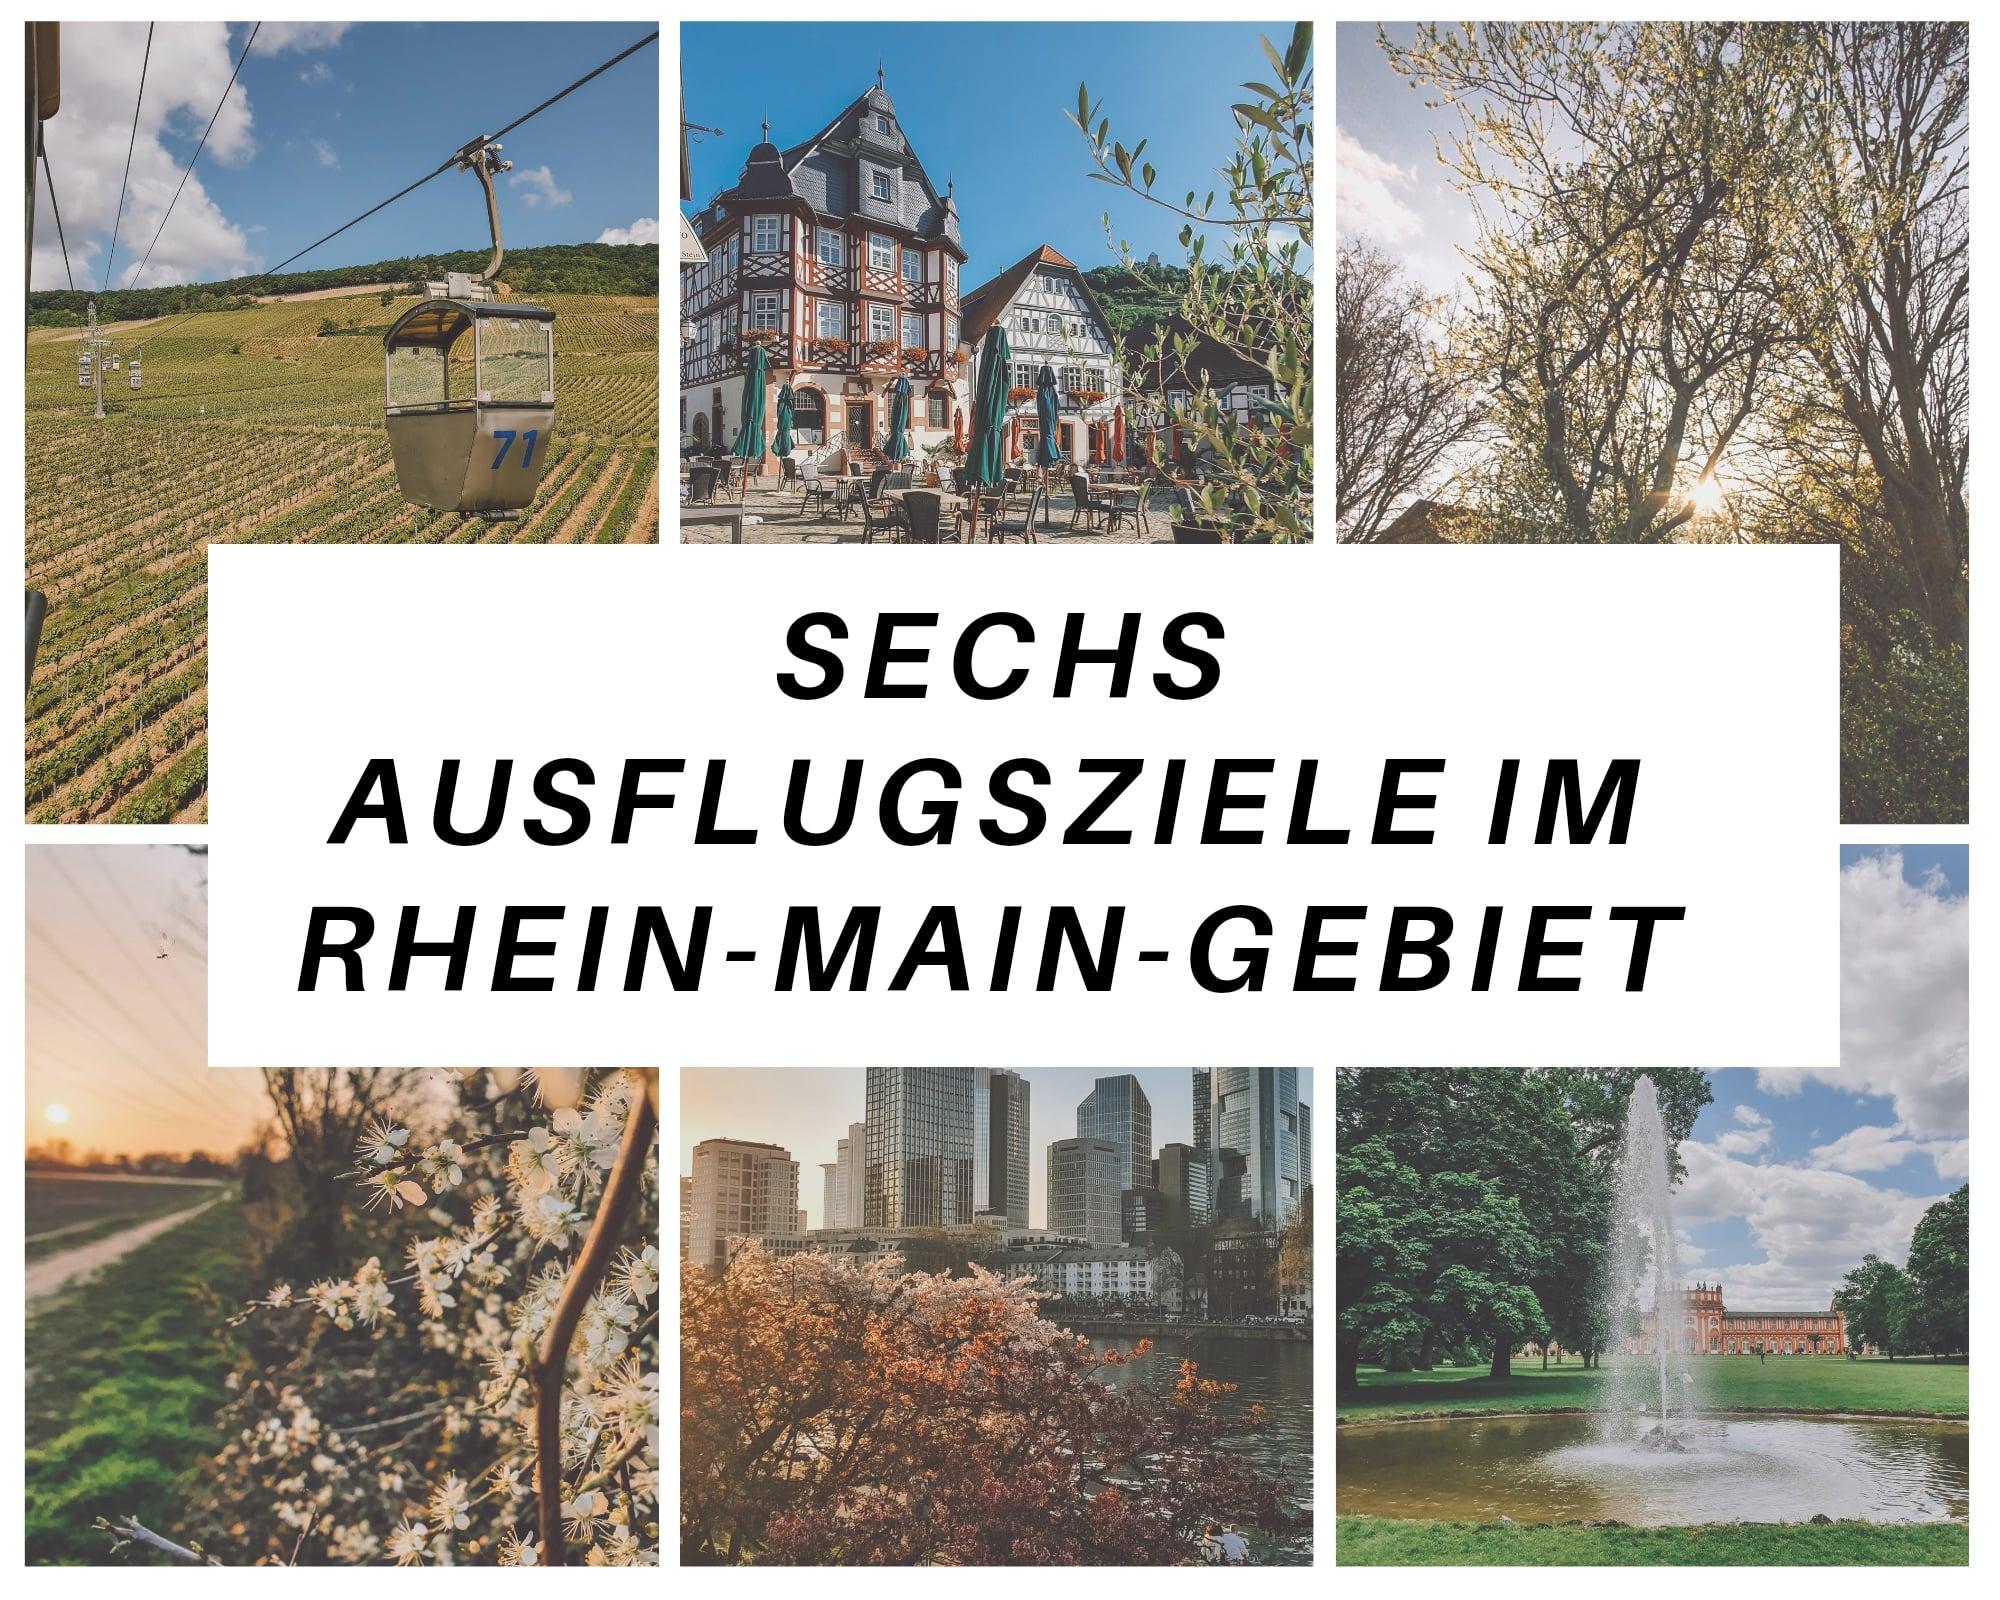 Sechs Ausflugsziele im Rhein-Main-Gebiet